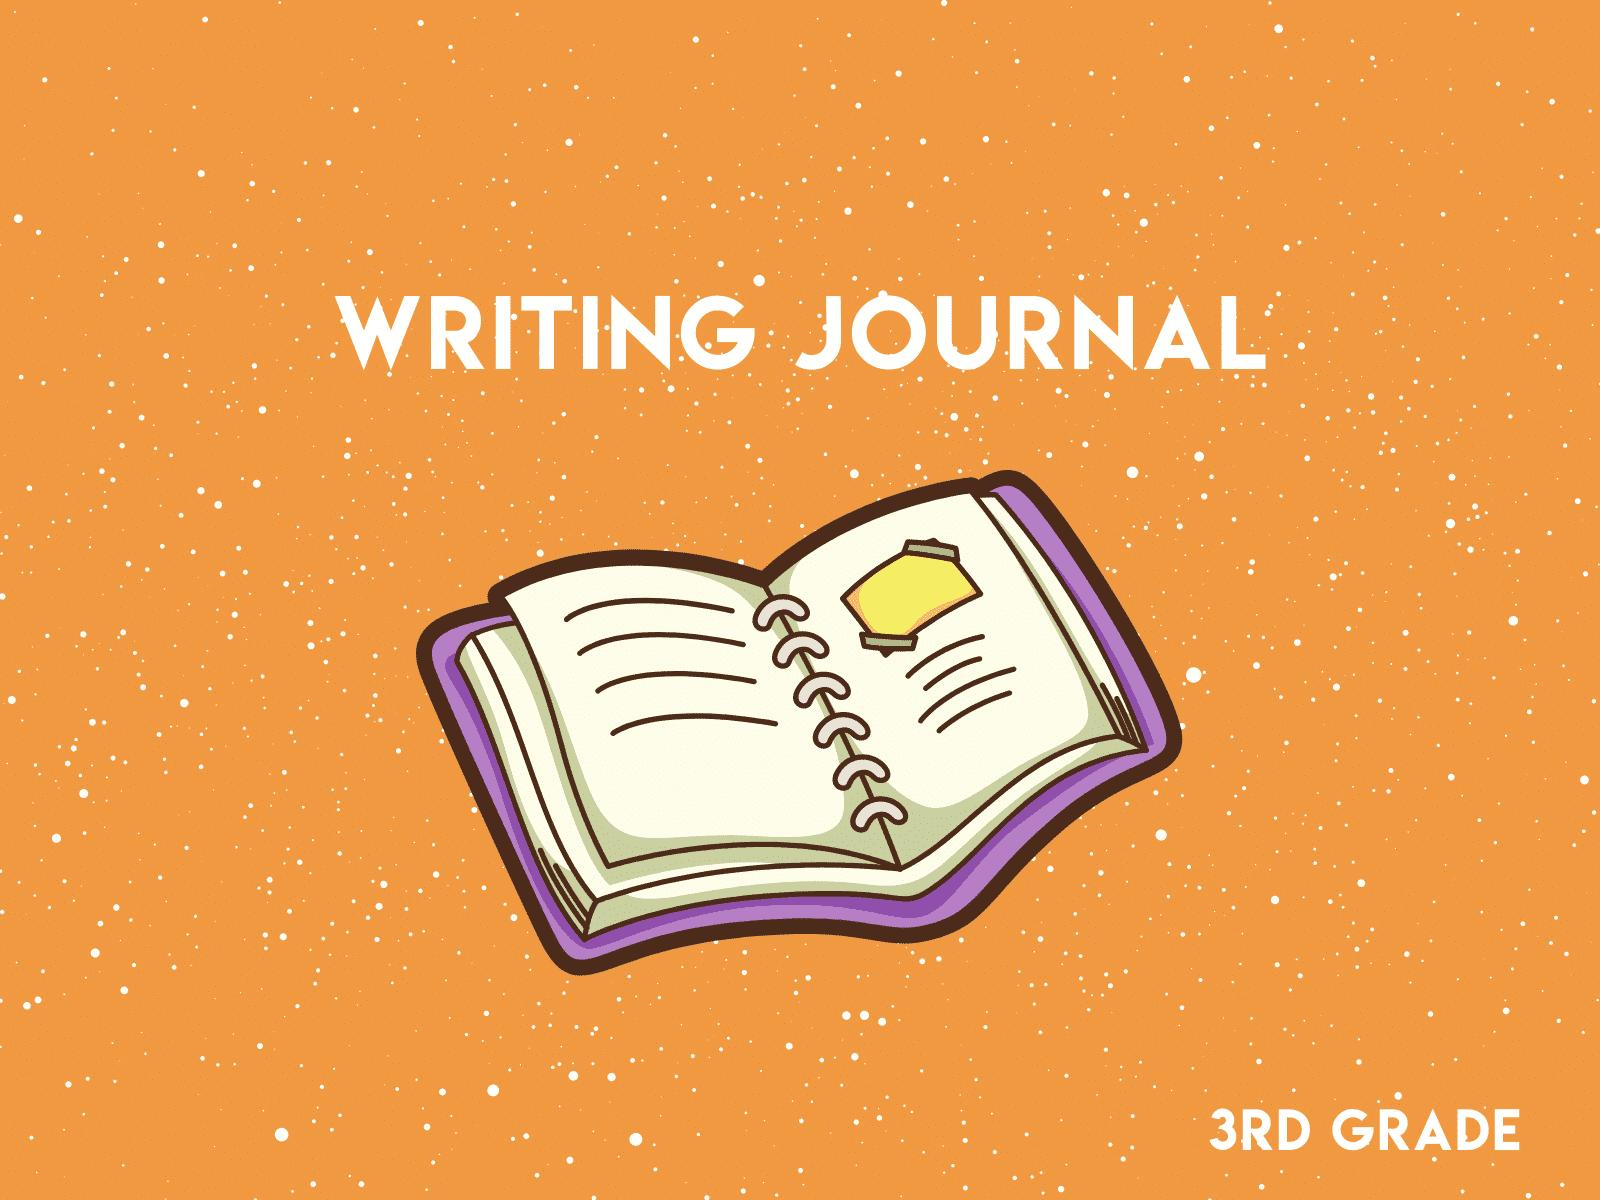 3rd Grade Writing Journal